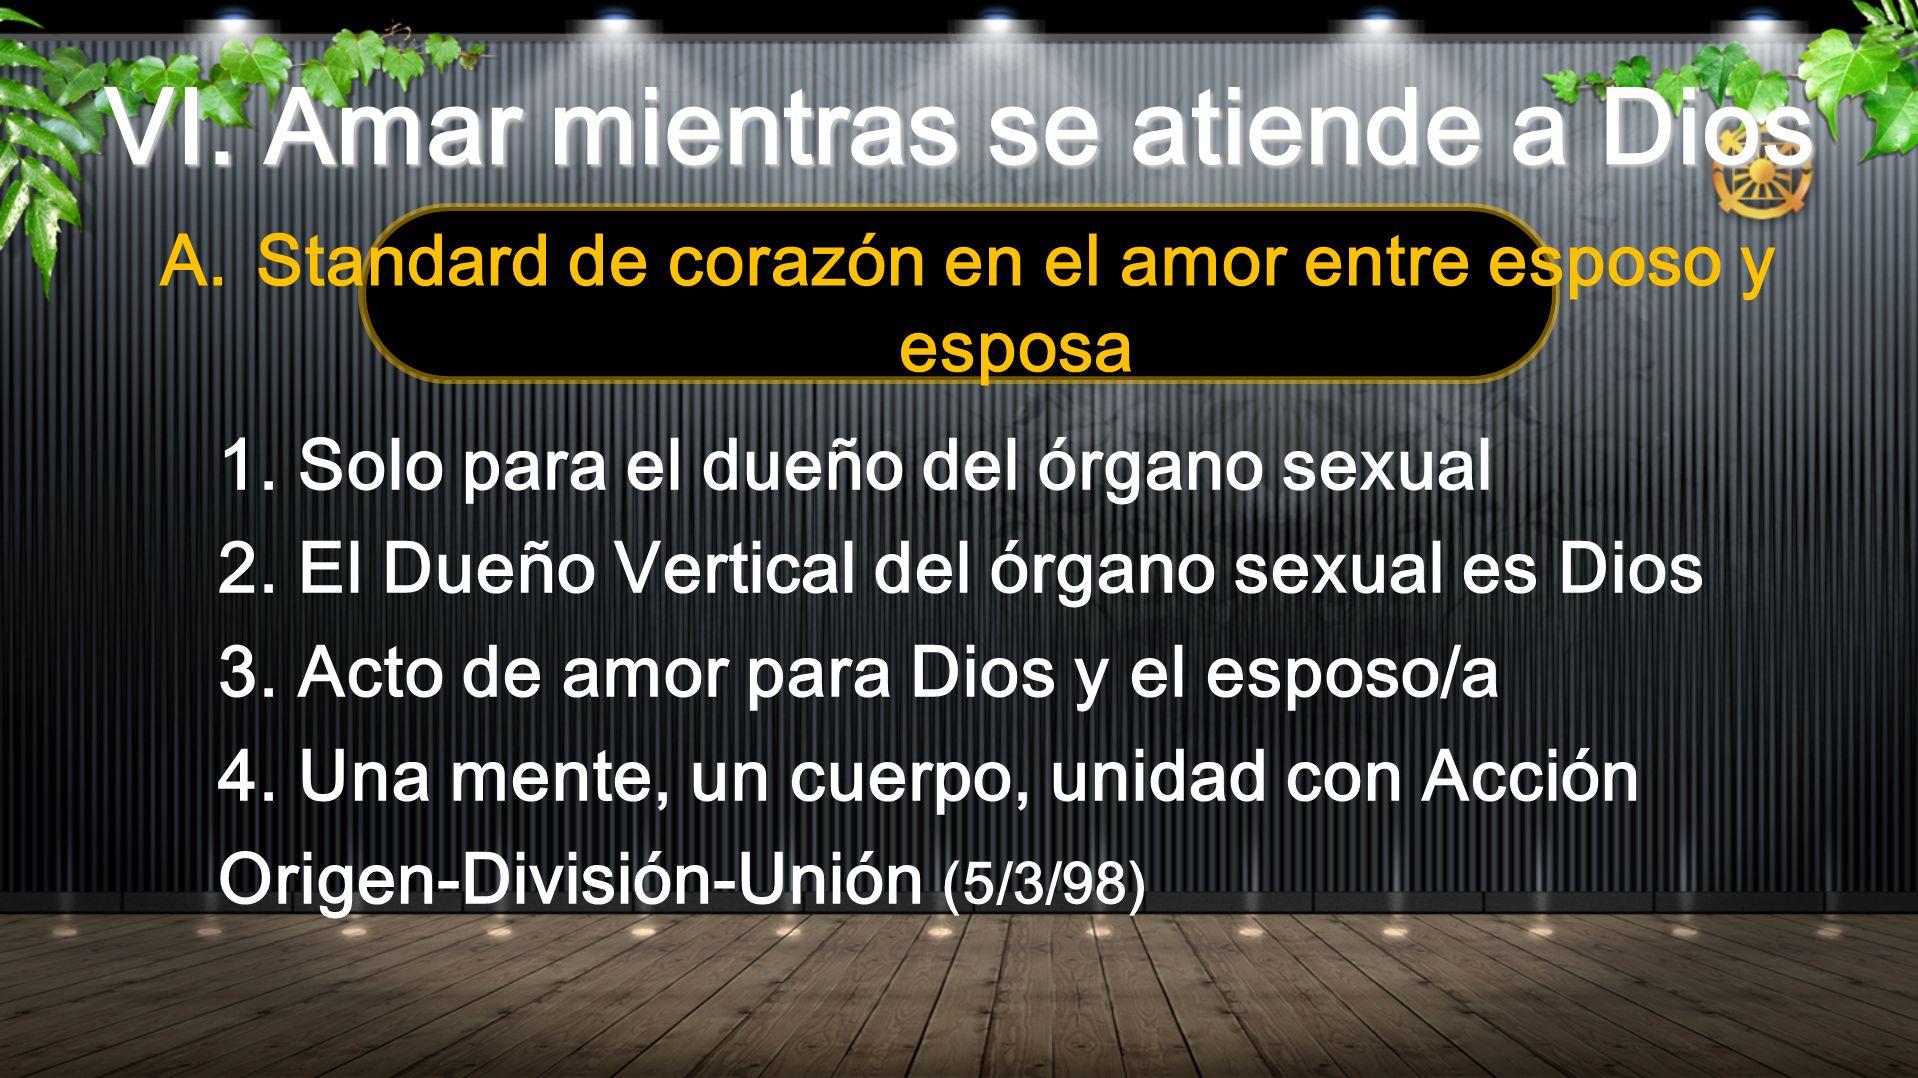 VI. Amar mientras se atiende a Dios A.Standard de corazón en el amor entre esposo y esposa 1. Solo para el dueño del órgano sexual 2. El Dueño Vertica